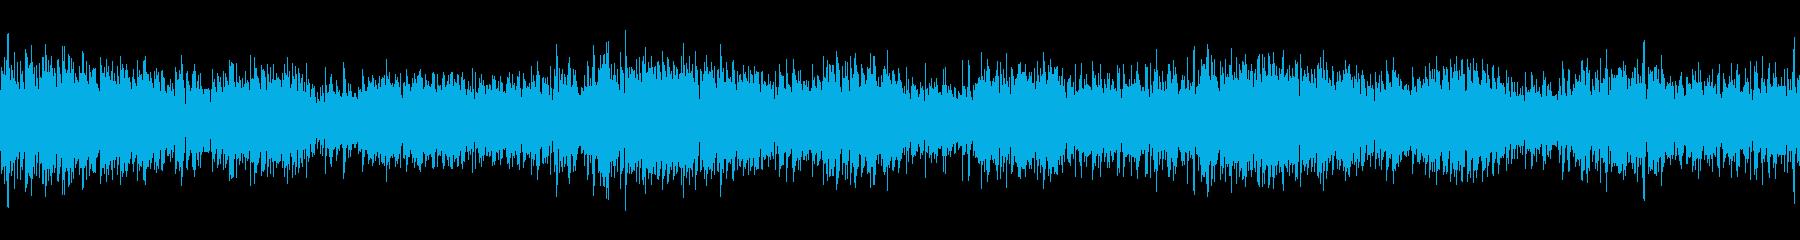 ニュース映像に合うガムラン鉄琴&カリンバの再生済みの波形